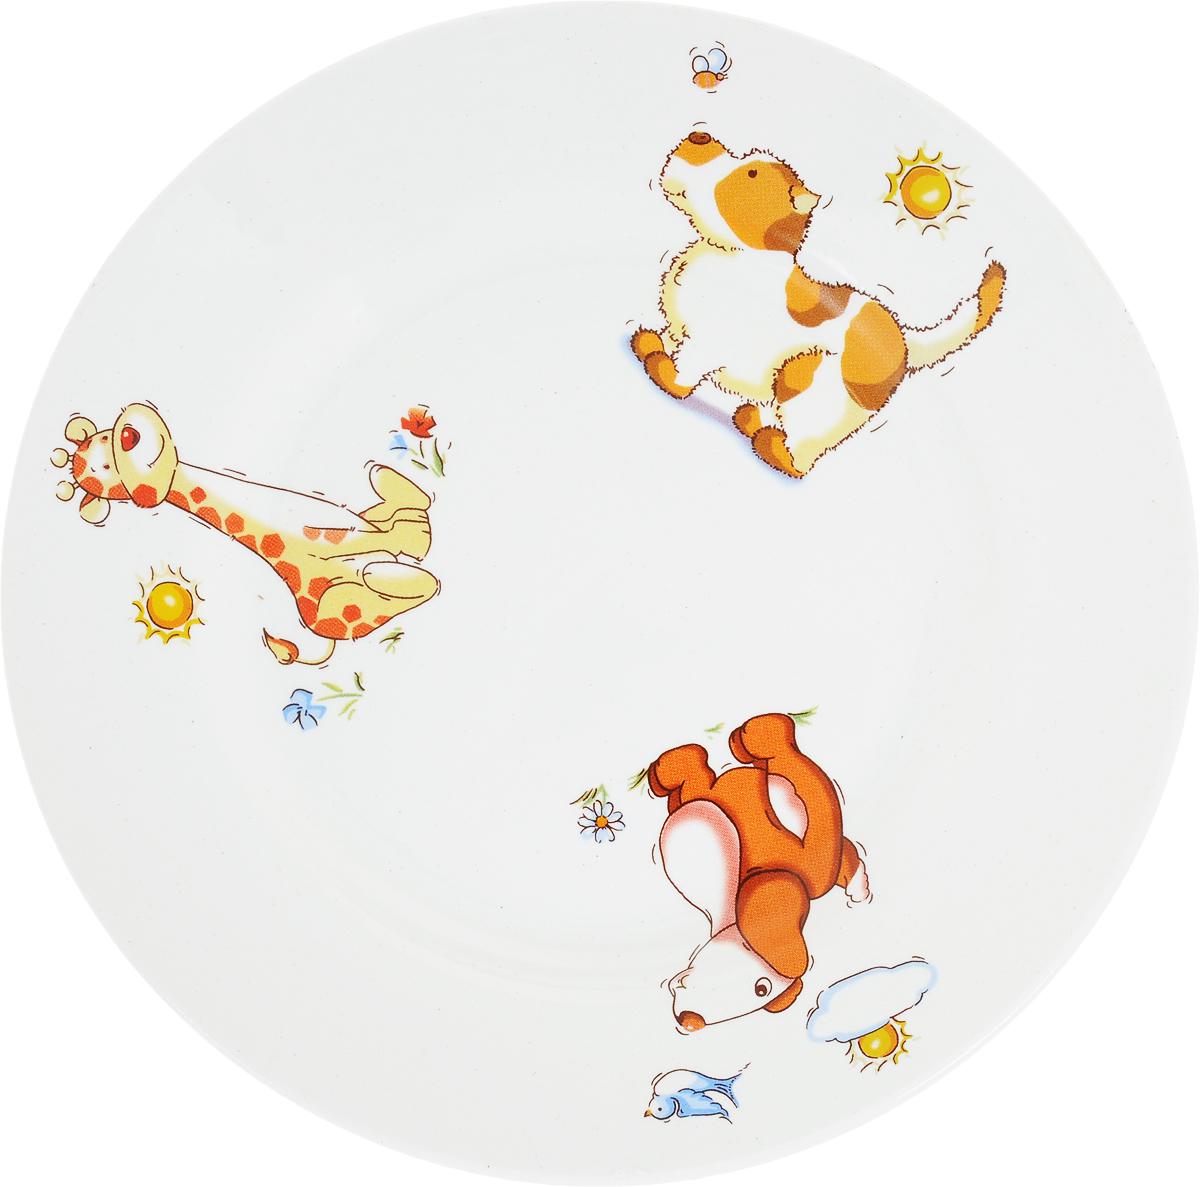 Кубаньфарфор Тарелка детская Зоопарк1301375_вид 2Фаянсовая детская посуда Кубаньфарфор с забавным рисунком понравится каждому малышу. Изделие изкачественного материала станет правильным выбором для повседневной эксплуатации и поможет превратить каждый прием пищи в радостное приключение. Особенности: - простота мойки, - стойкость к запахам, - насыщенный цвет. Уважаемые клиенты!Обращаем ваше внимание на возможные изменения в дизайне рисунка. Поставка осуществляется в зависимостиот наличия на складе.